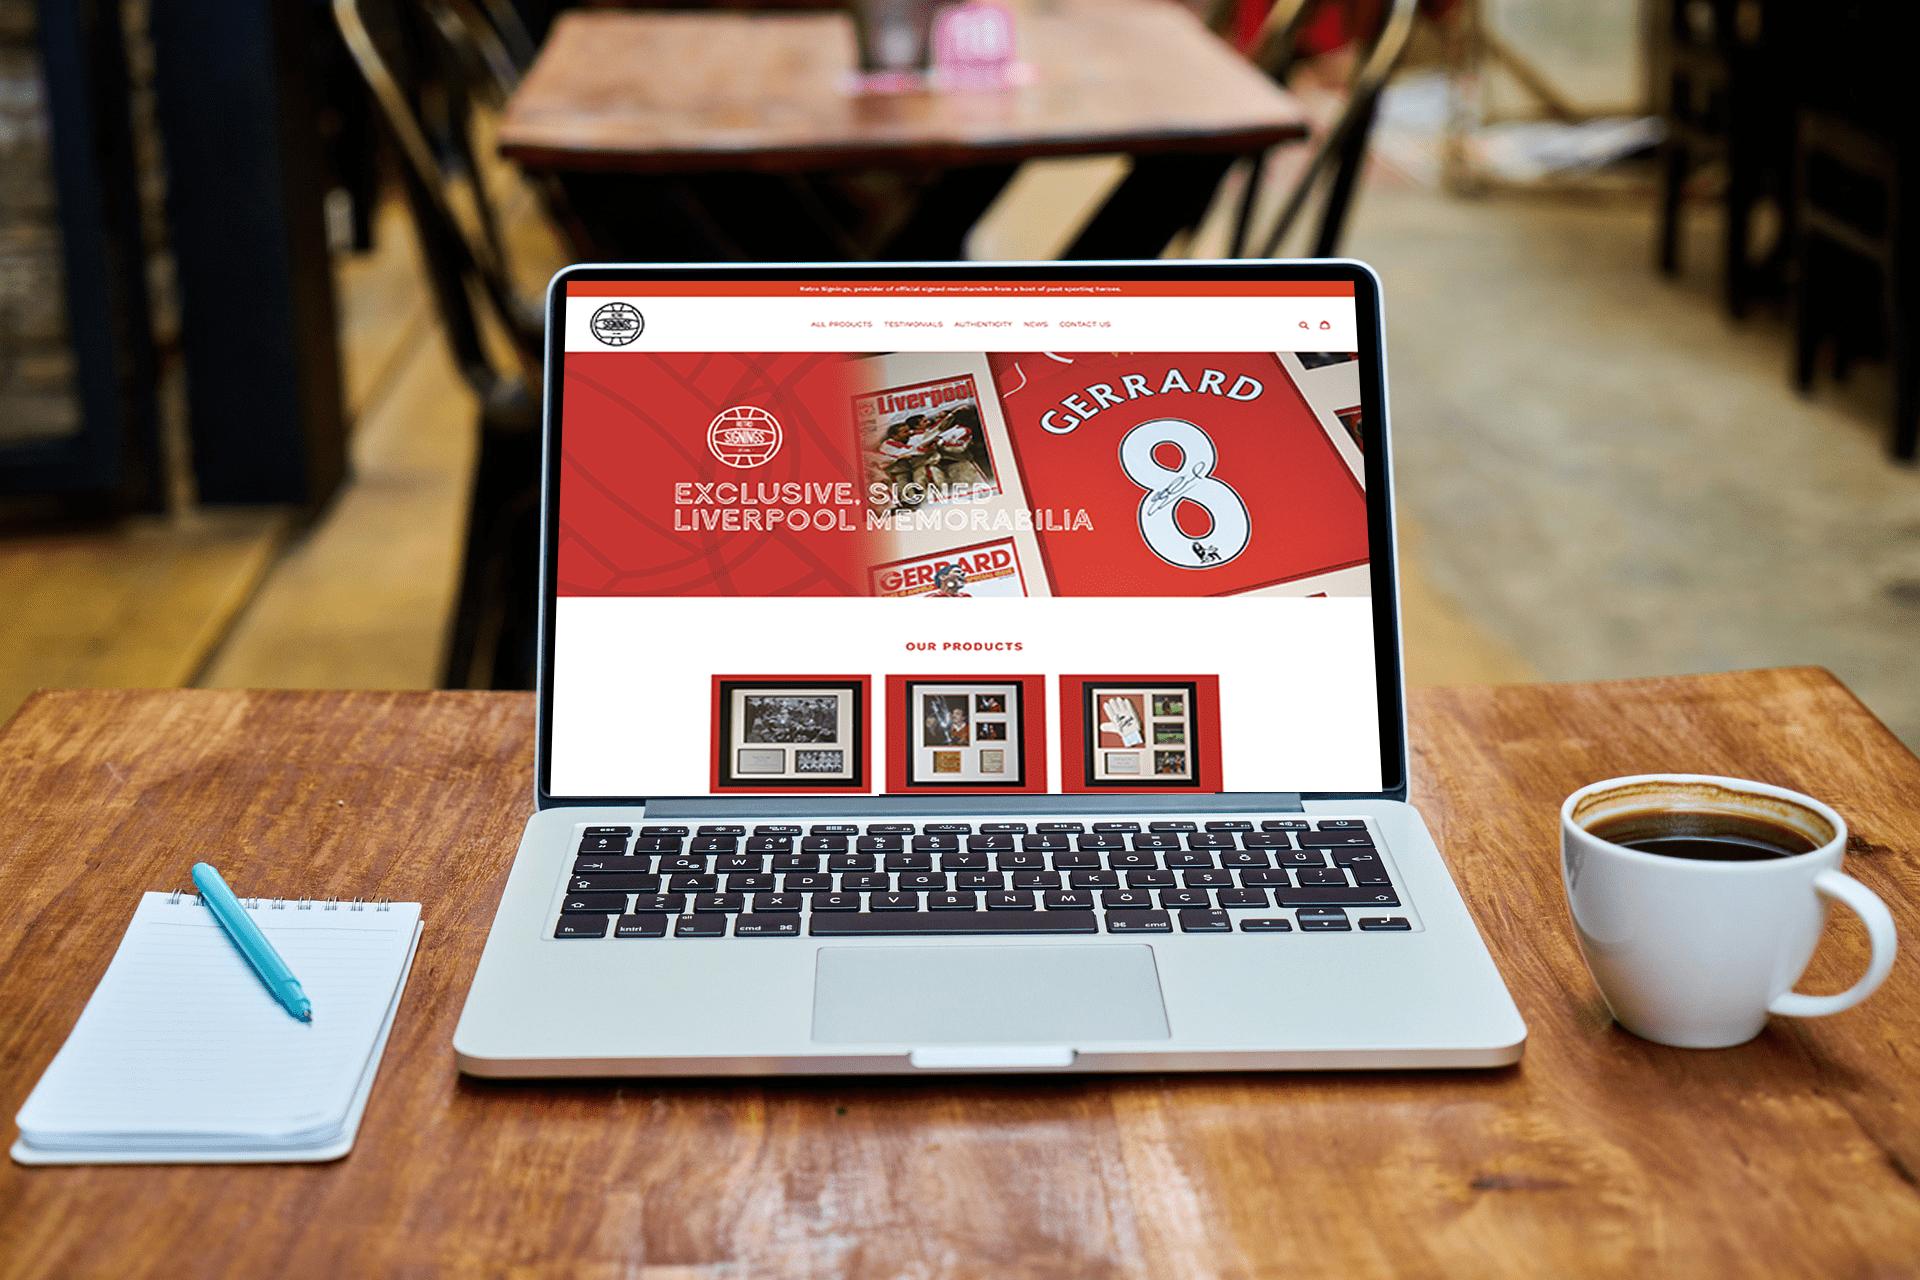 Retro Signings Website Design Liverpool